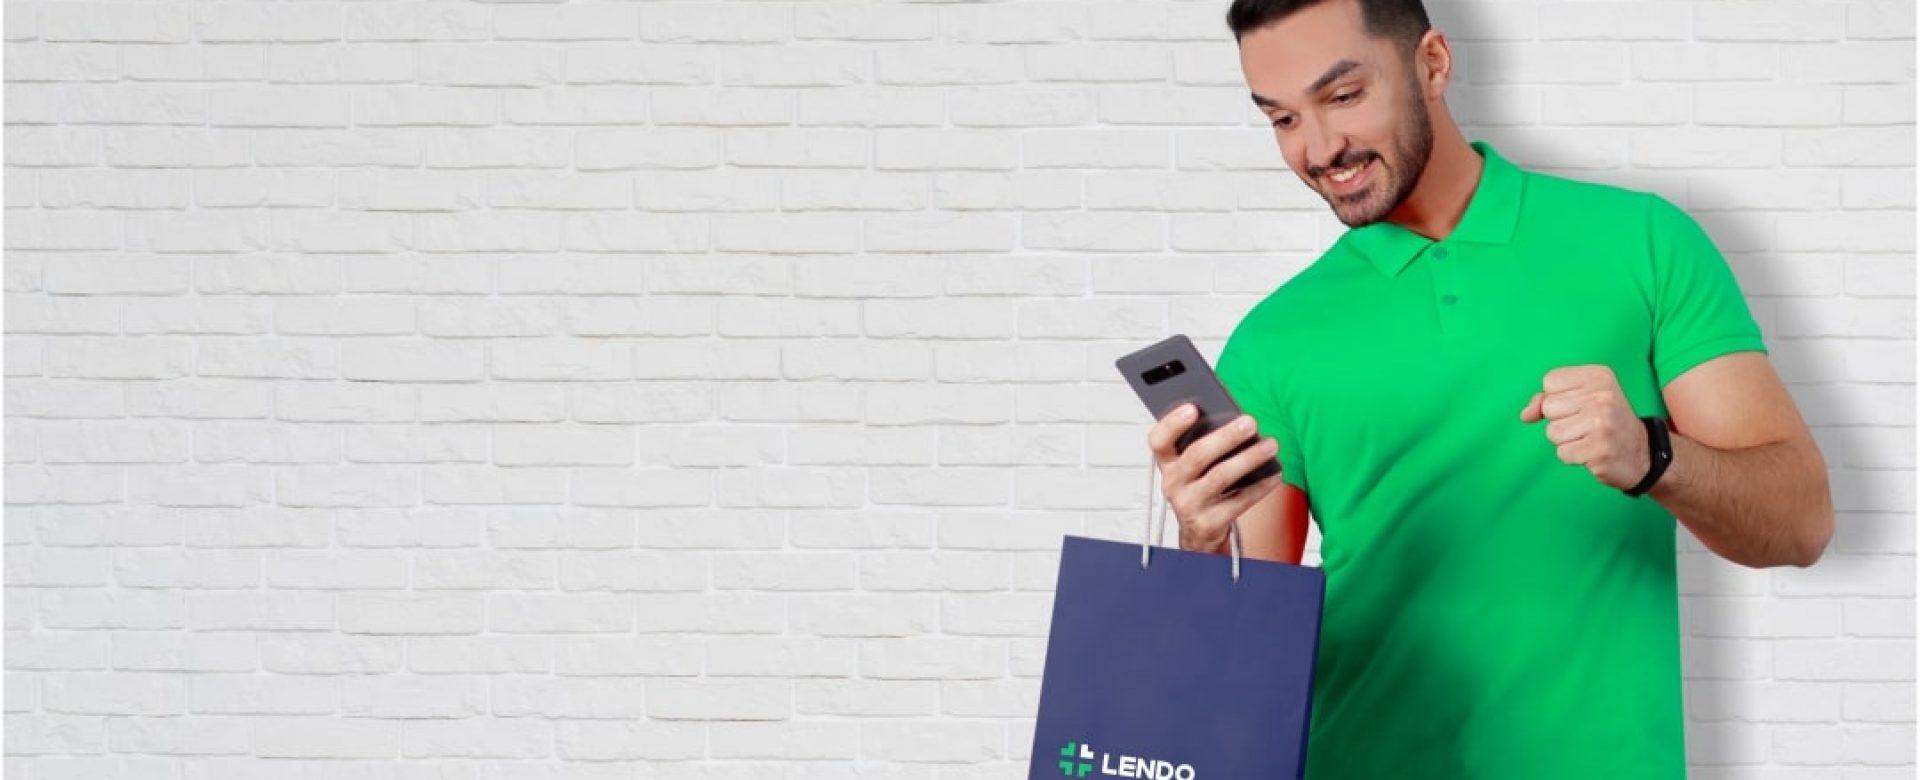 تولید محتوا برای شرکت لندو lendo آژانس برندسازی ذن zen branding agency (16)-min